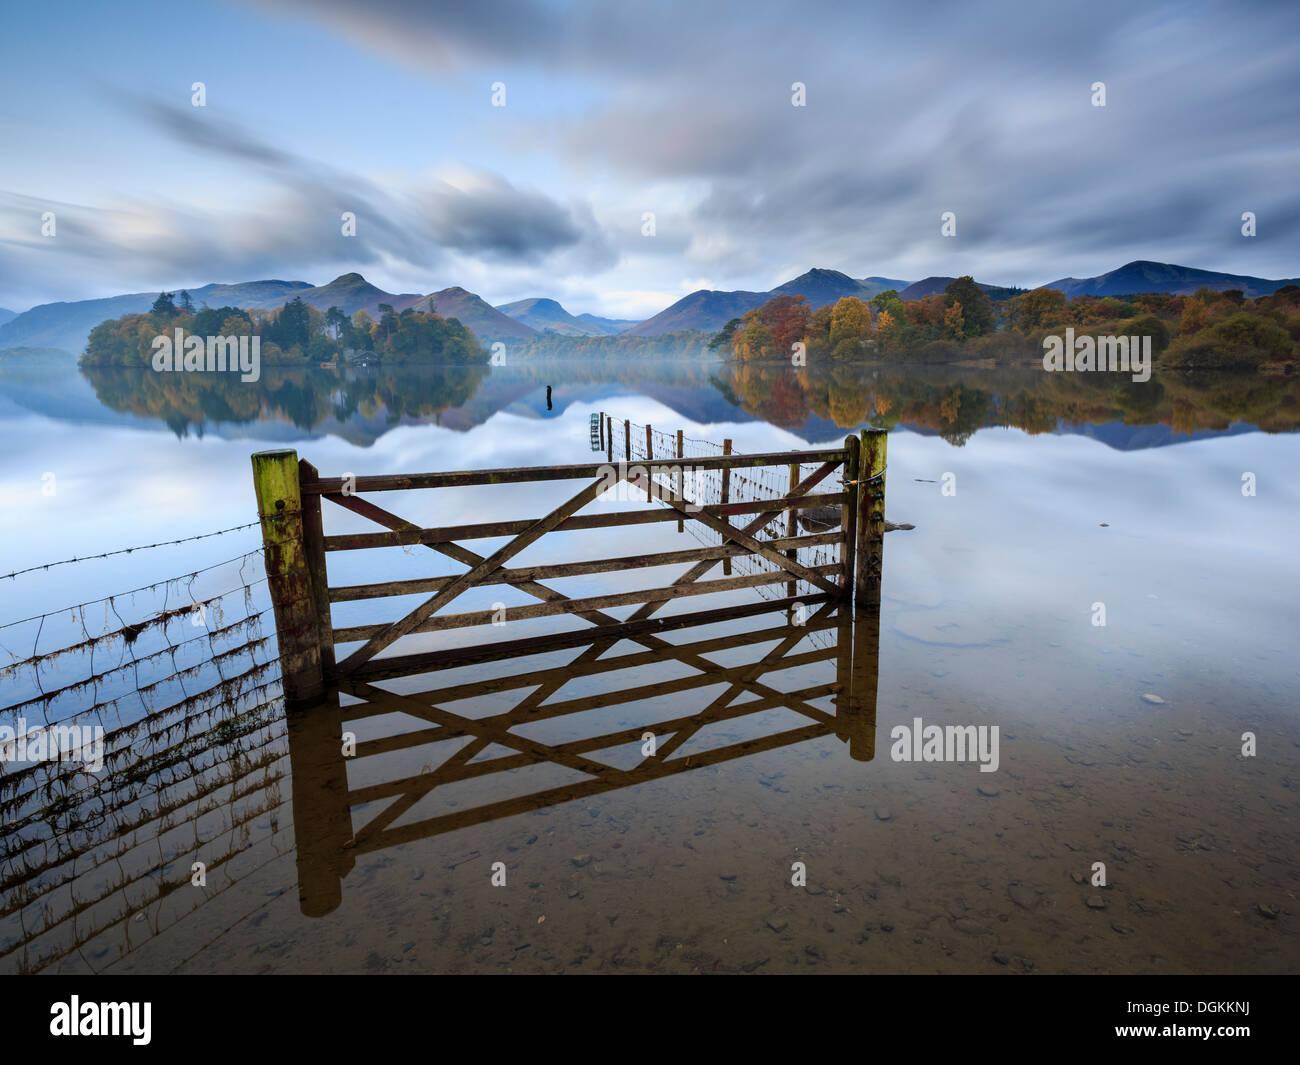 Une porte et clôture dans un champ inondé par Derwent Water près de Keswick. Photo Stock